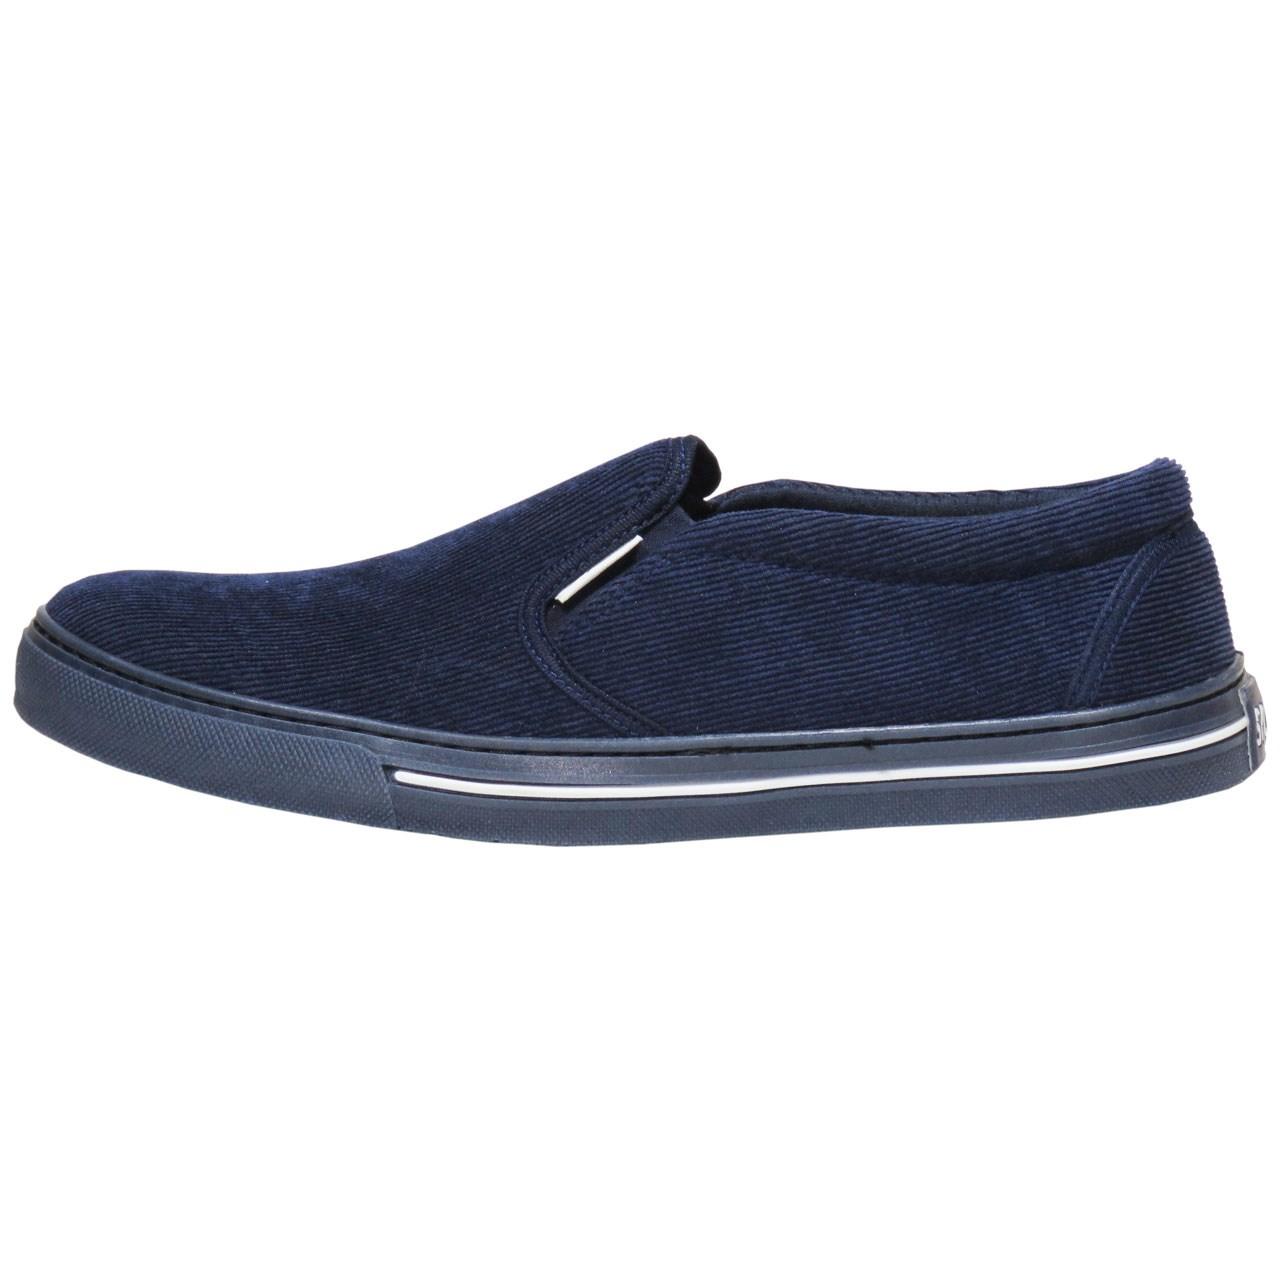 کفش مردانه پرین مد ل ونس کدPR613A